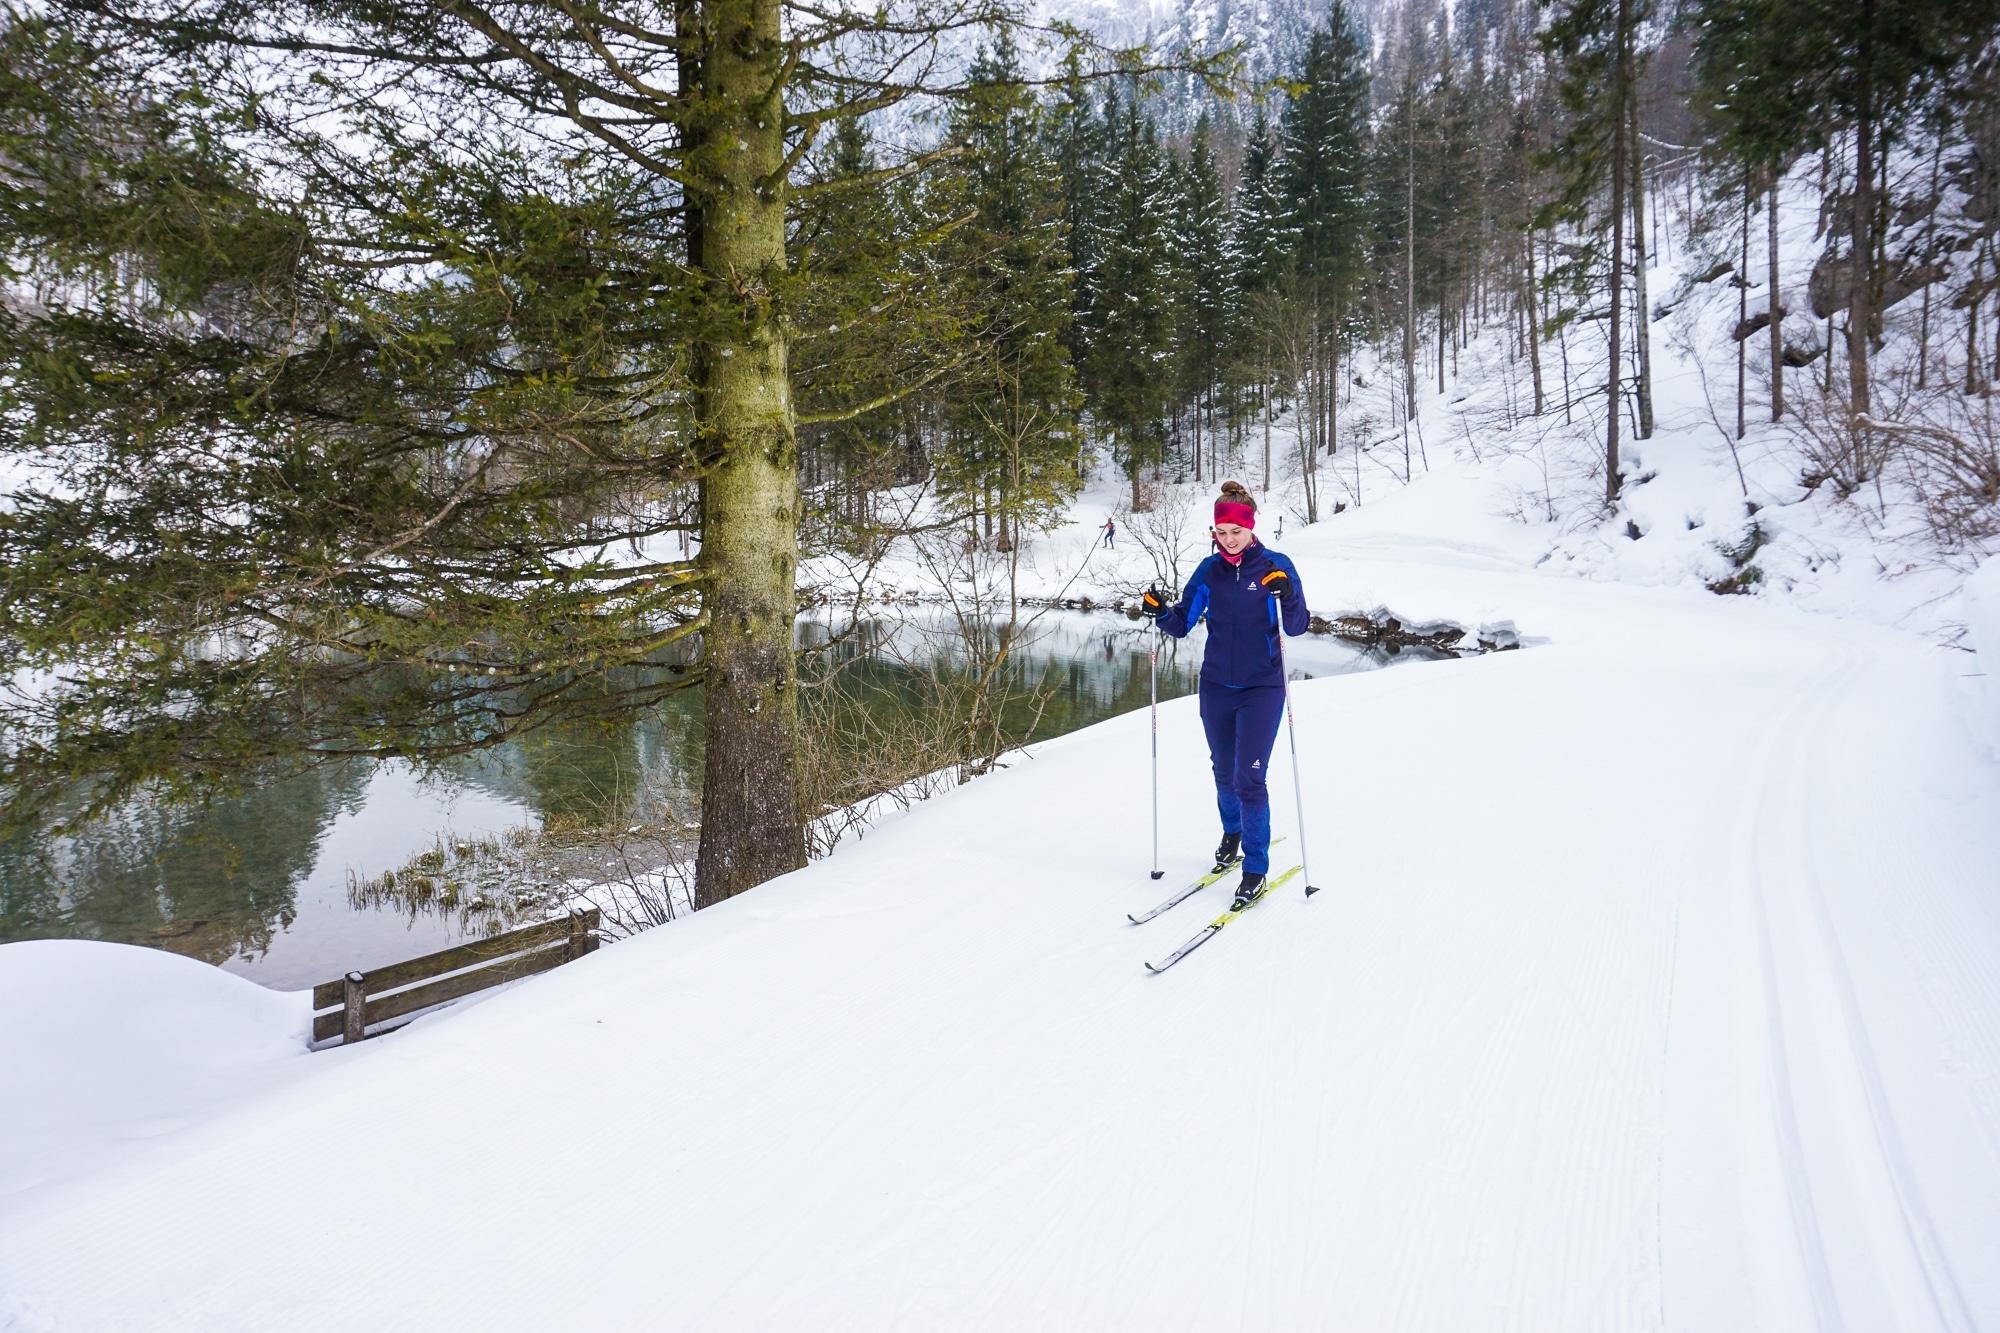 Langlauf lernen stand in diesem Jahr ganz hoch auf meiner Wunschliste. Beim Skilanglauf Urlaub in den Kitzbüheler Alpen habe ich nicht nur Langlauf klassisch sondern auch Skilanglauf Skating ausprobiert. Heute habe ich fünf Gründe für euch, warum ihr diesen coolen Wintersport einmal ausprobieren solltet.